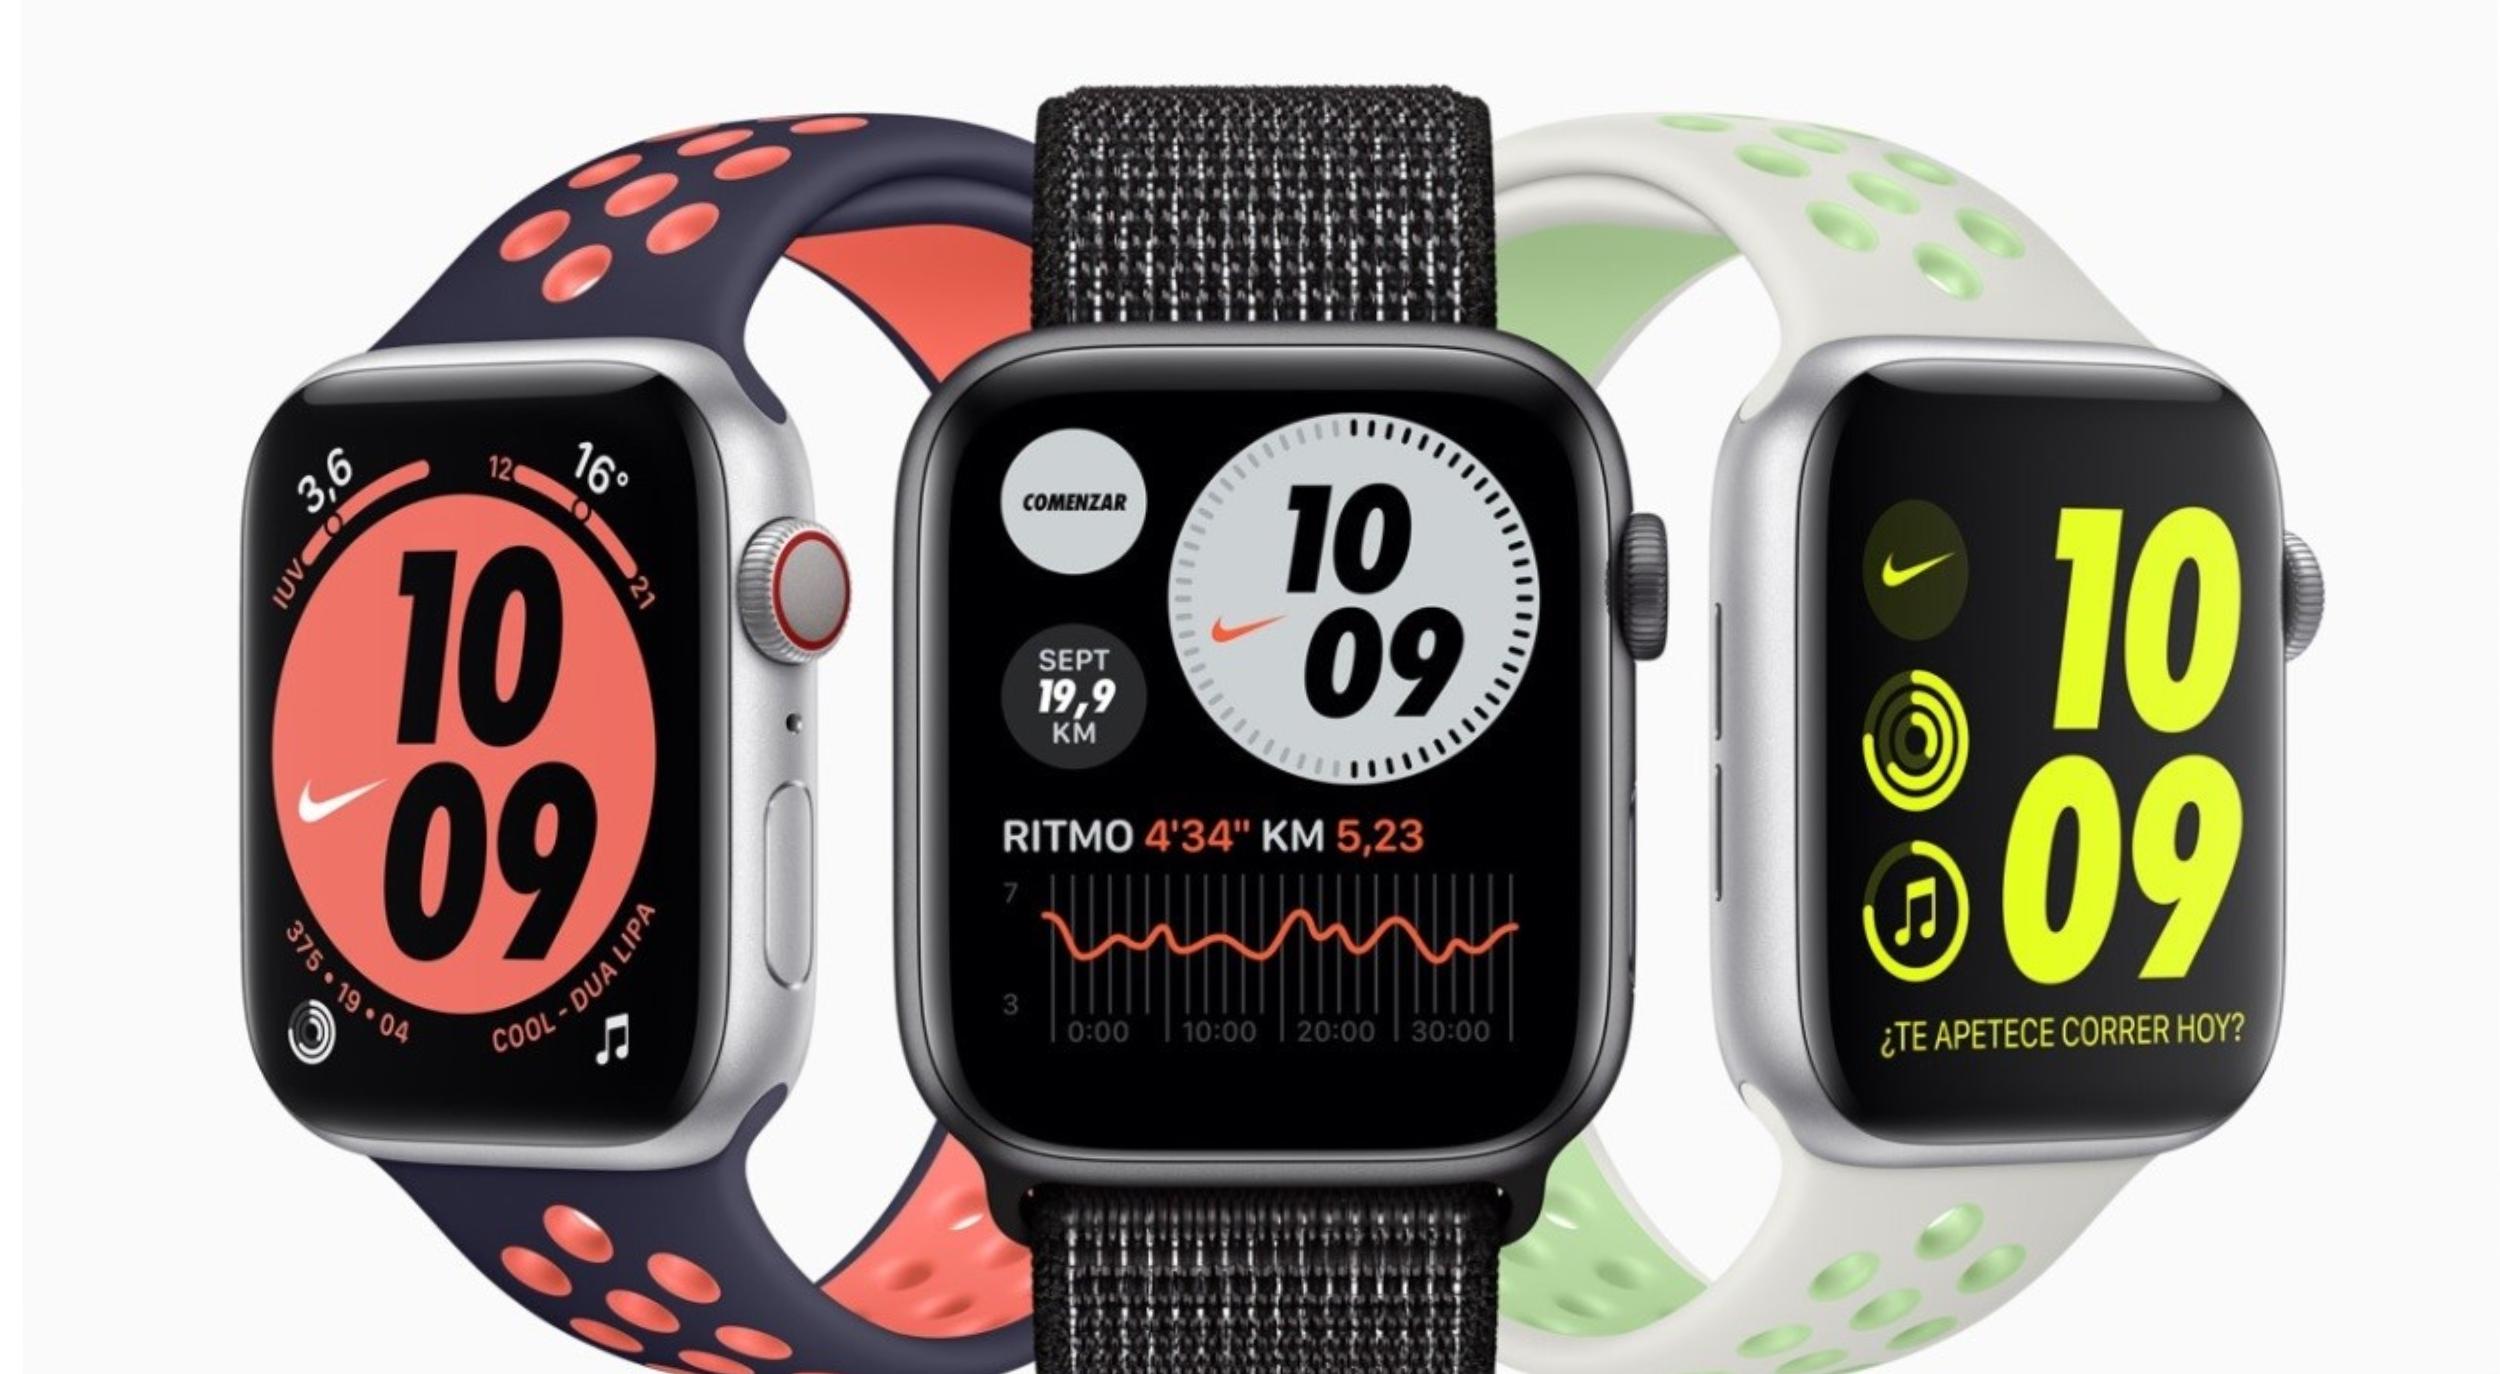 apple-considera-una-version-de-apple-watch-mas-robusta-para-deportes-extremos